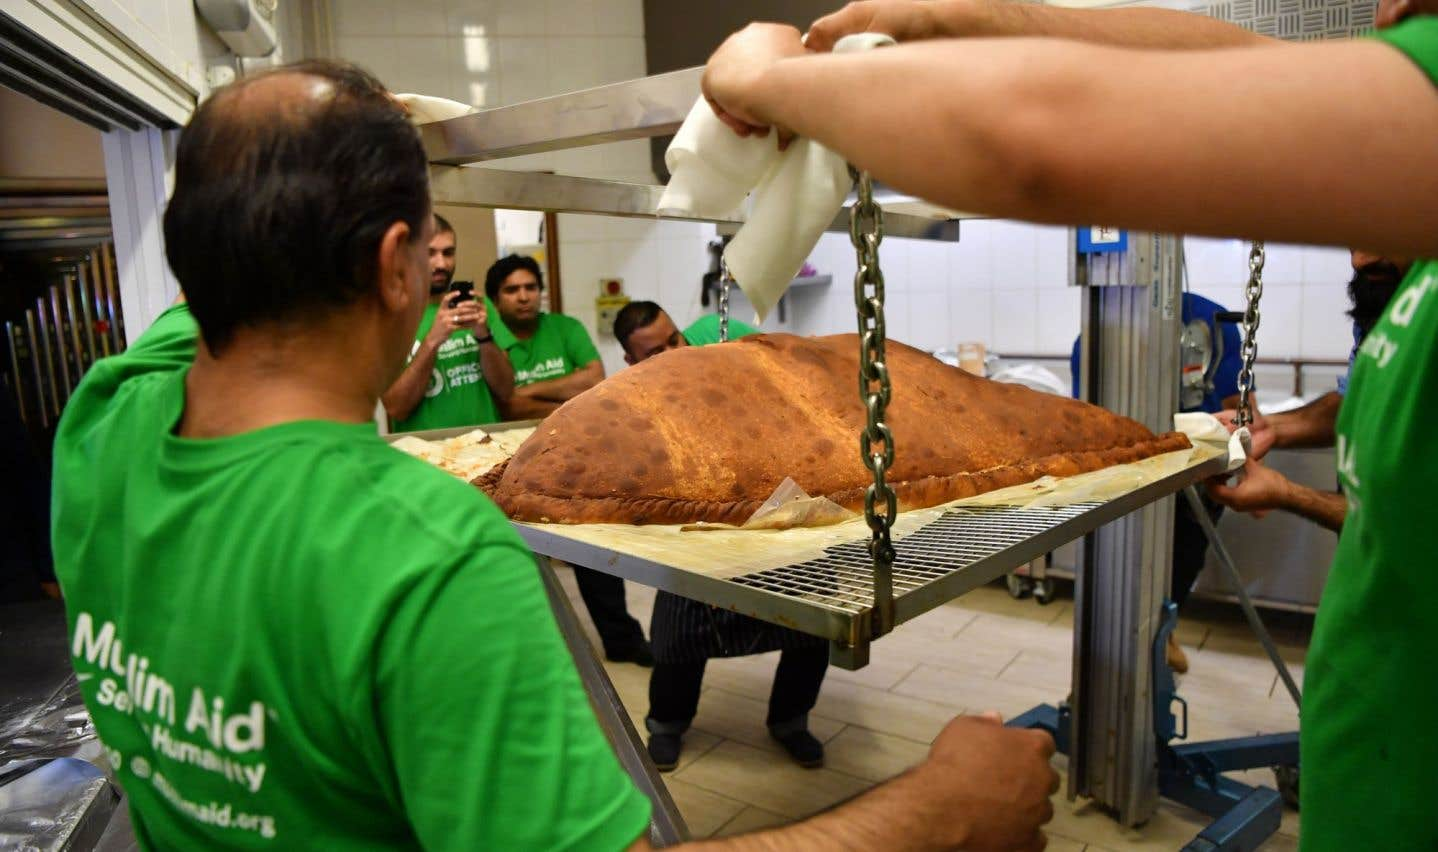 La samossa a été frit dans une cuve réalisée sur-mesure pour l'occasion, dans une mosquée d'East London.